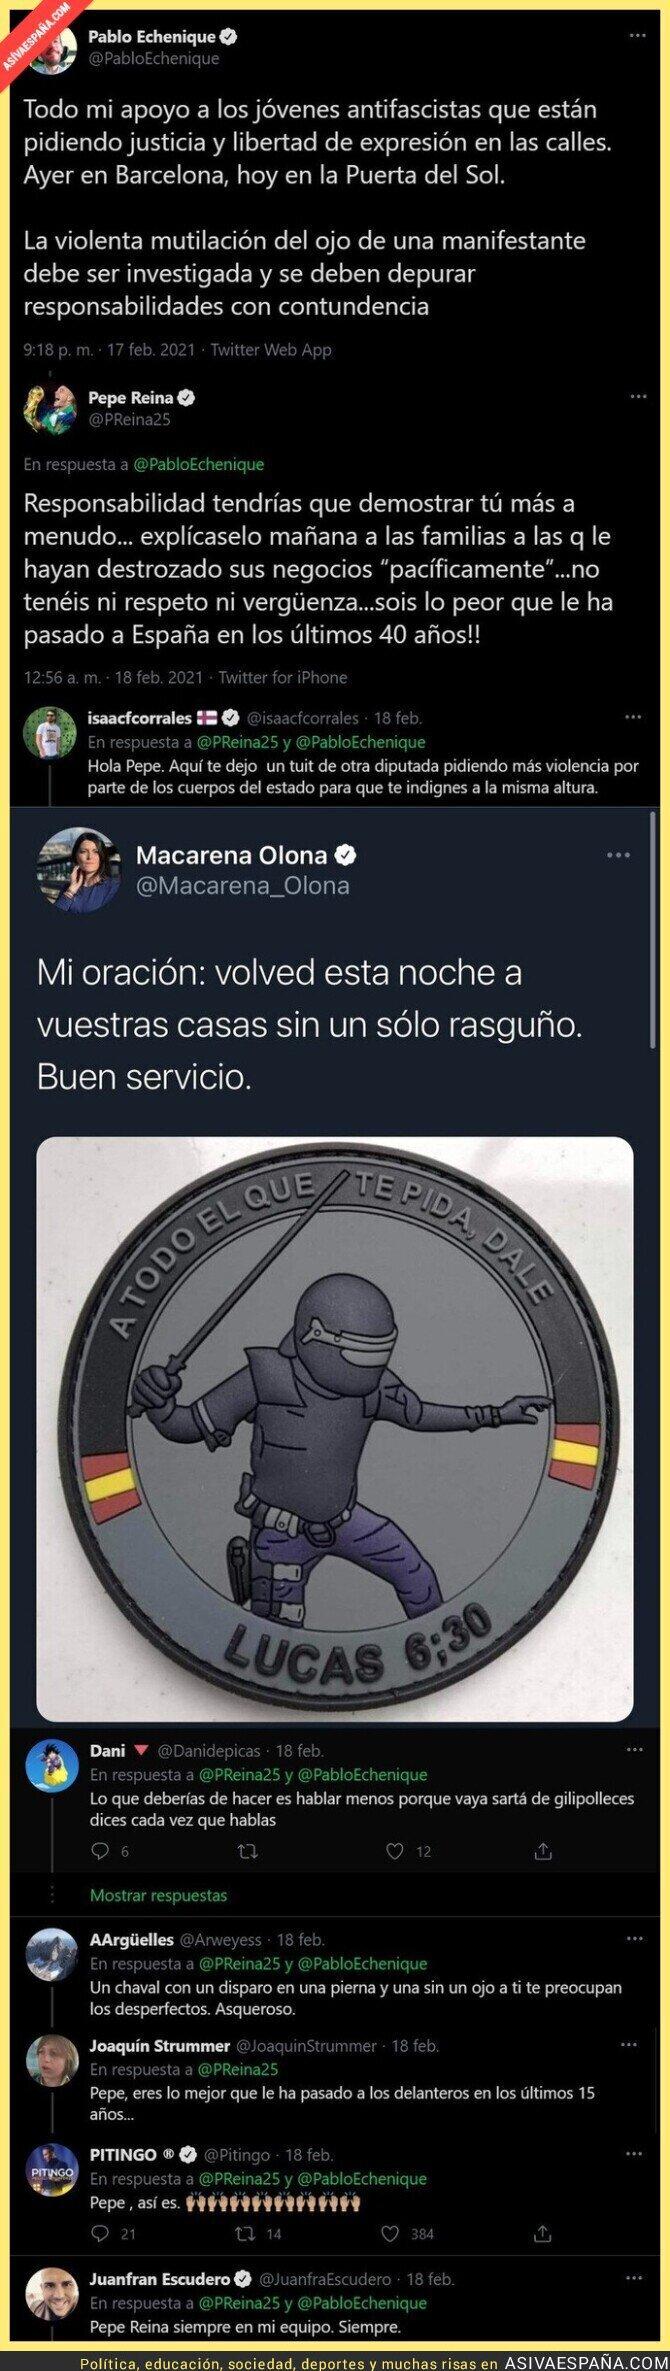 610758 - Pepe Reina se la lía a Pablo Echenique con esta respuesta tras apoyar a los jóvenes antifascistas que la están liando en las calles